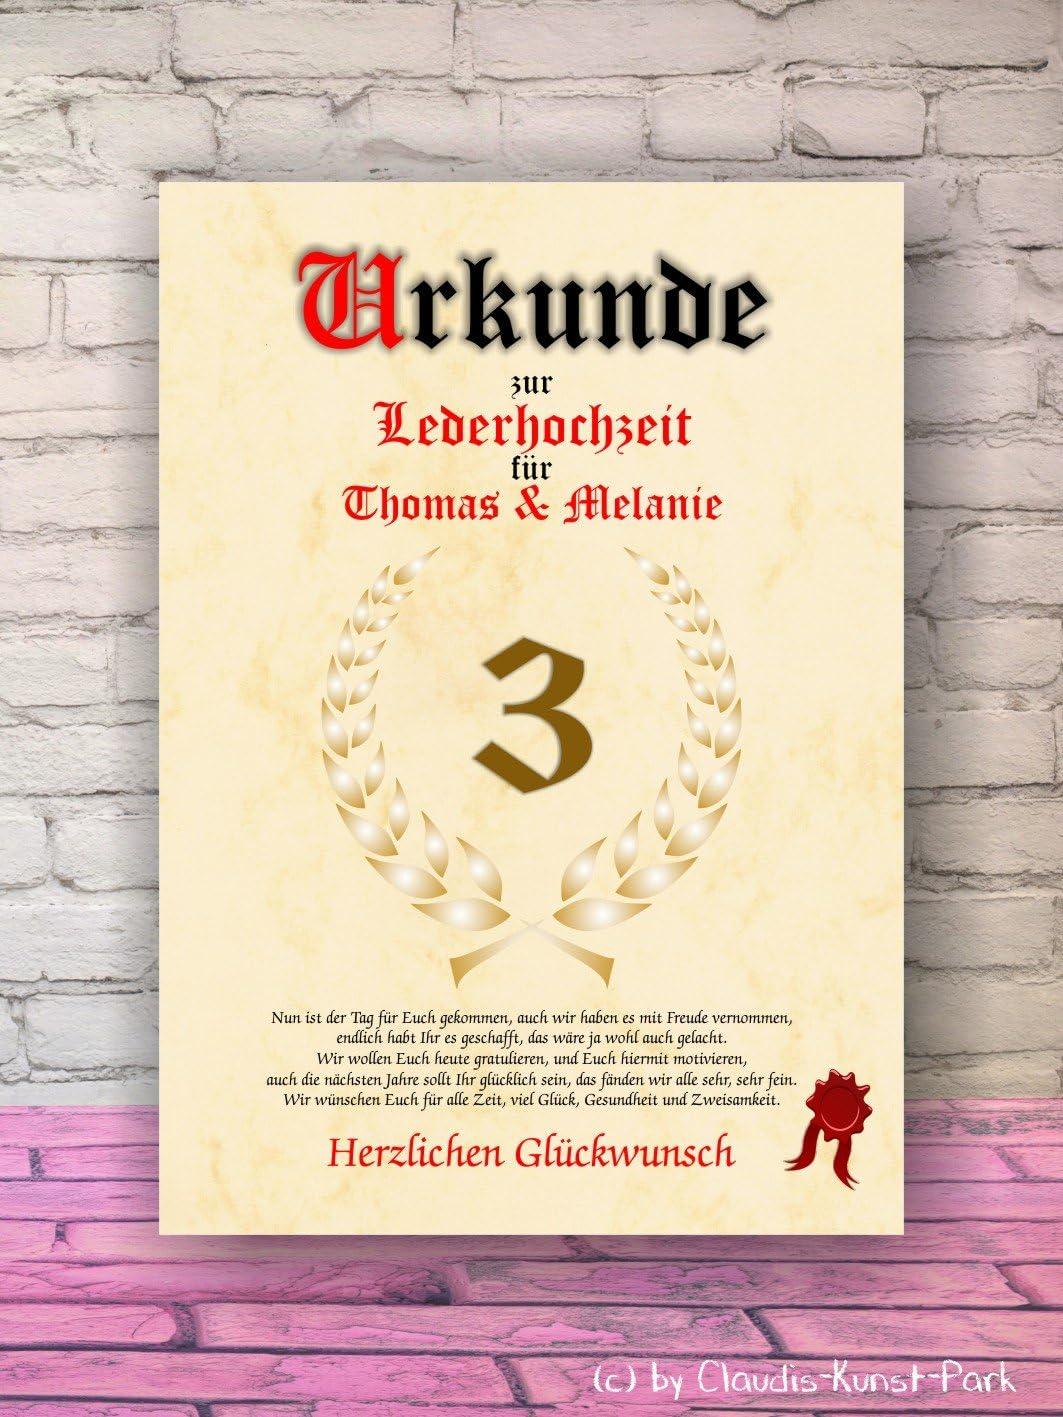 Urkunde personalisiertes Geschenk mit Name Karte 3 Hochzeitstag 3 Jahrestag Mann Frau Geschenkidee f/ür Partner oder Partnerin pers/önliches Geschenk